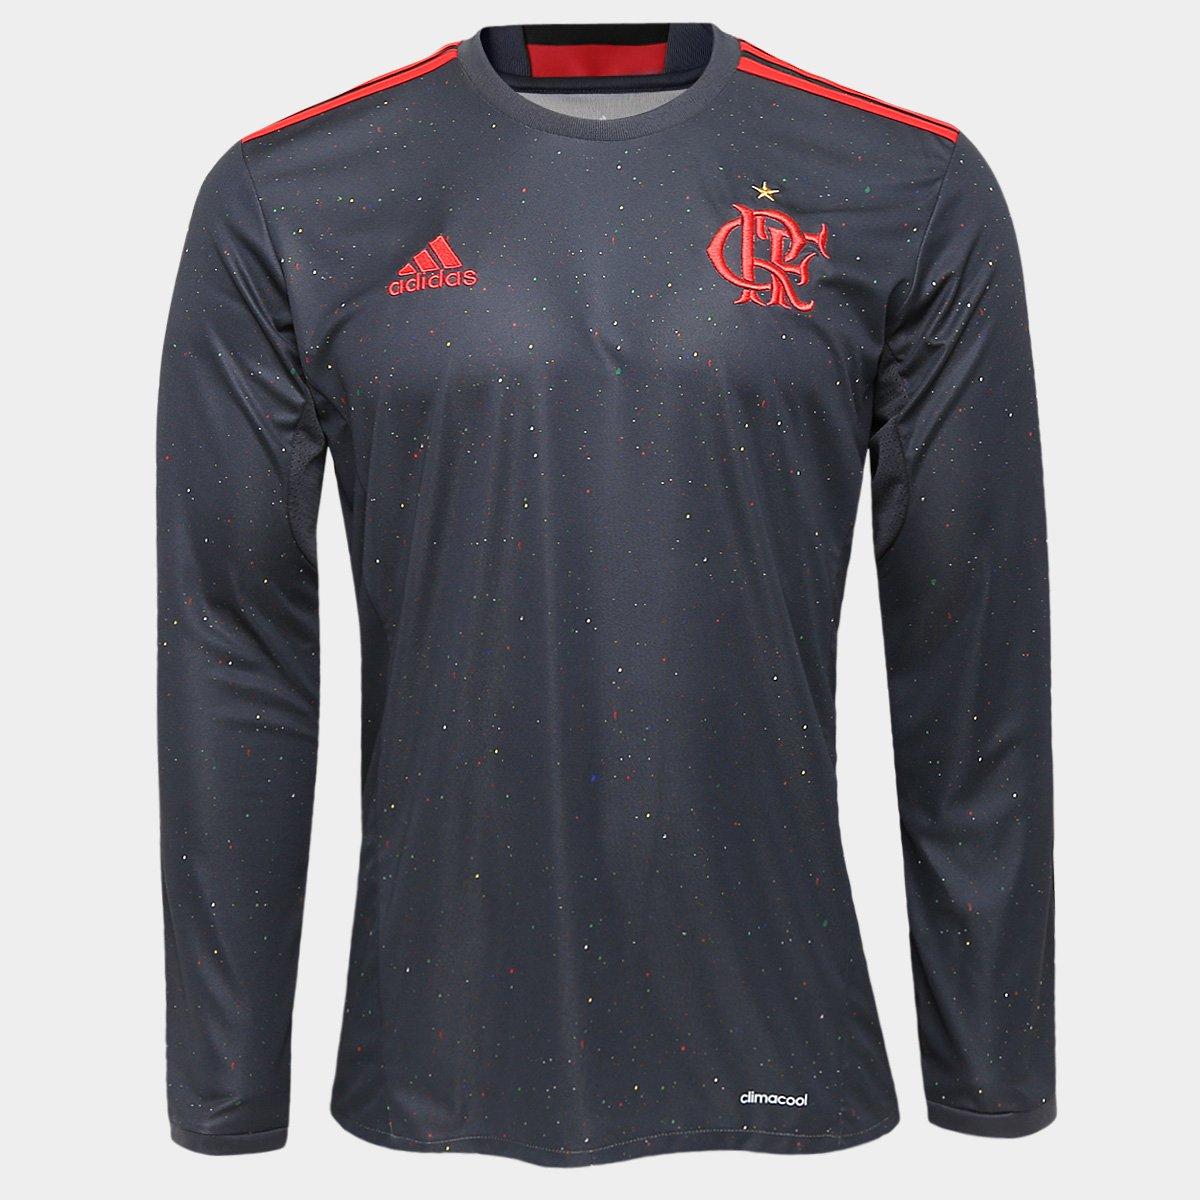 Camisa Adidas Flamengo Especial ML - Compre Agora  8edf21443559c